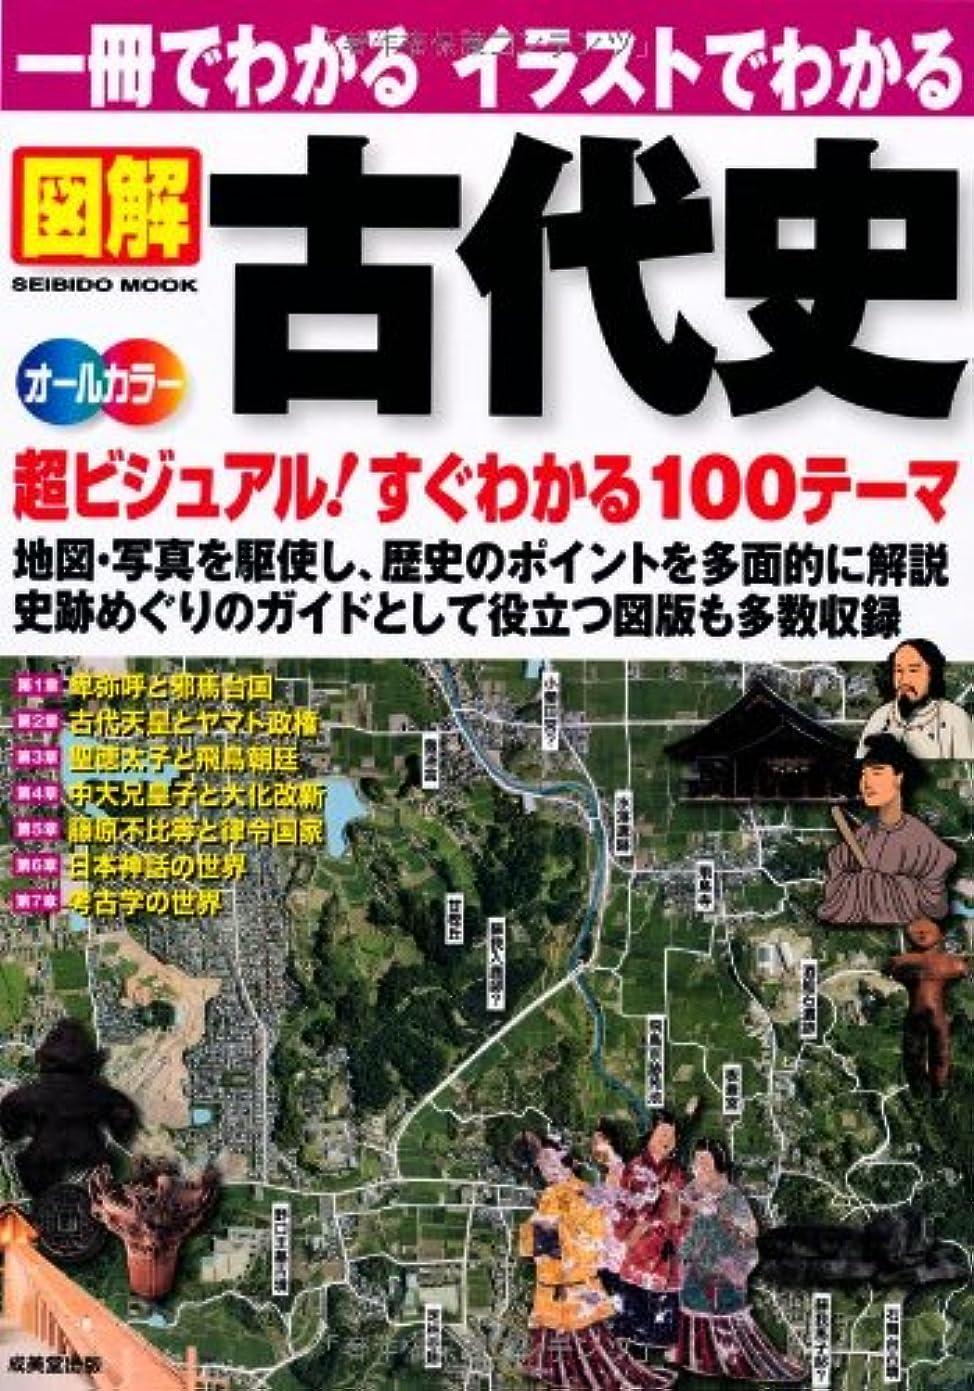 クラックメーカーメロドラマ一冊でわかる イラストでわかる 図解 古代史 (SEIBIDO MOOK)